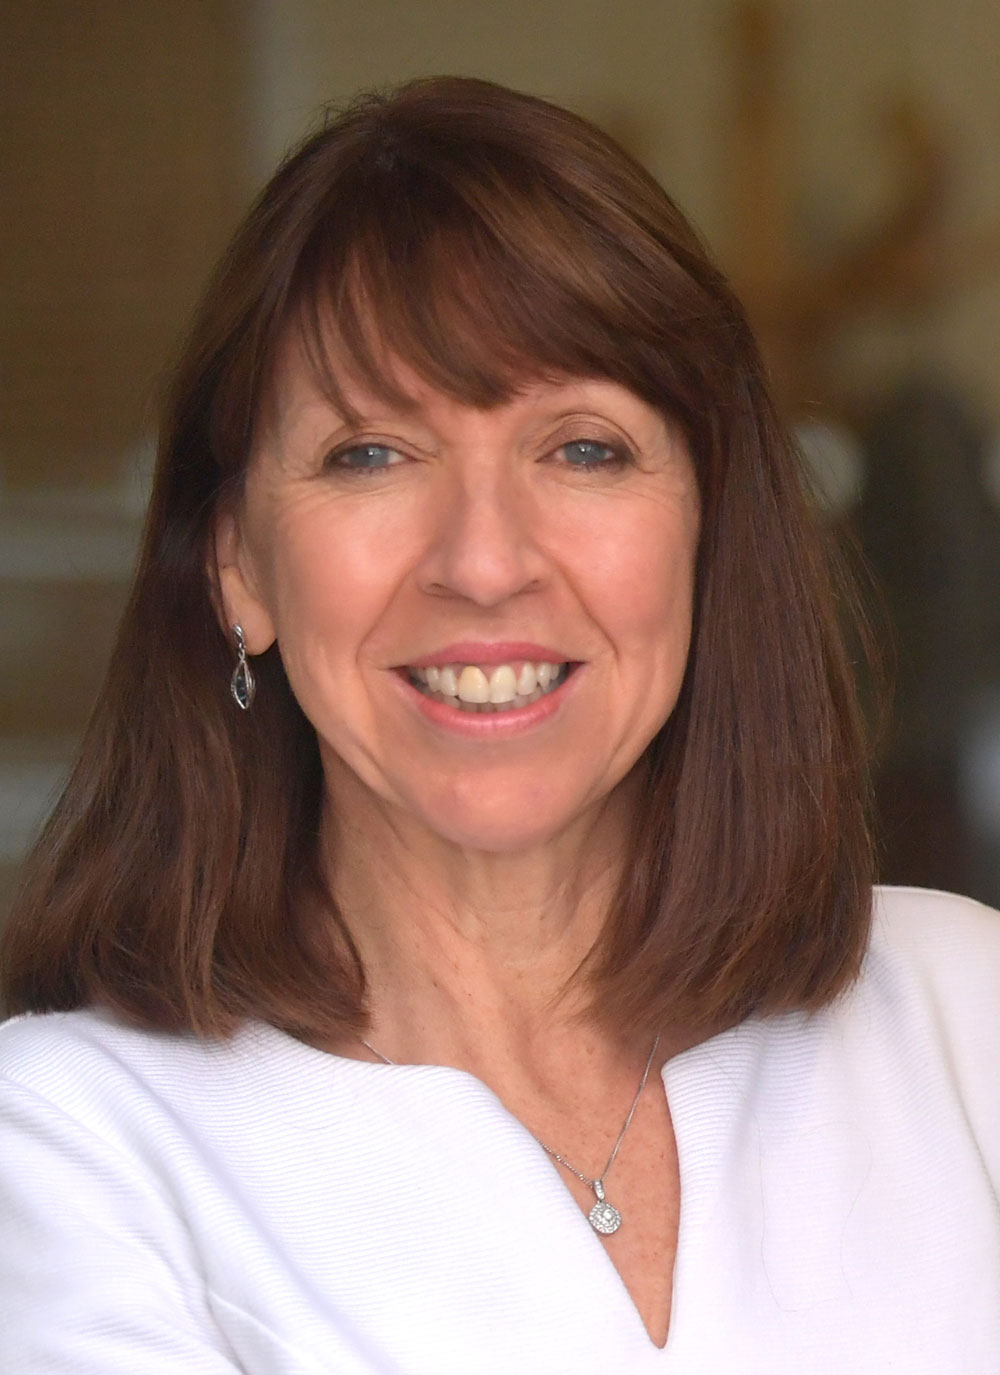 Alison Vickers